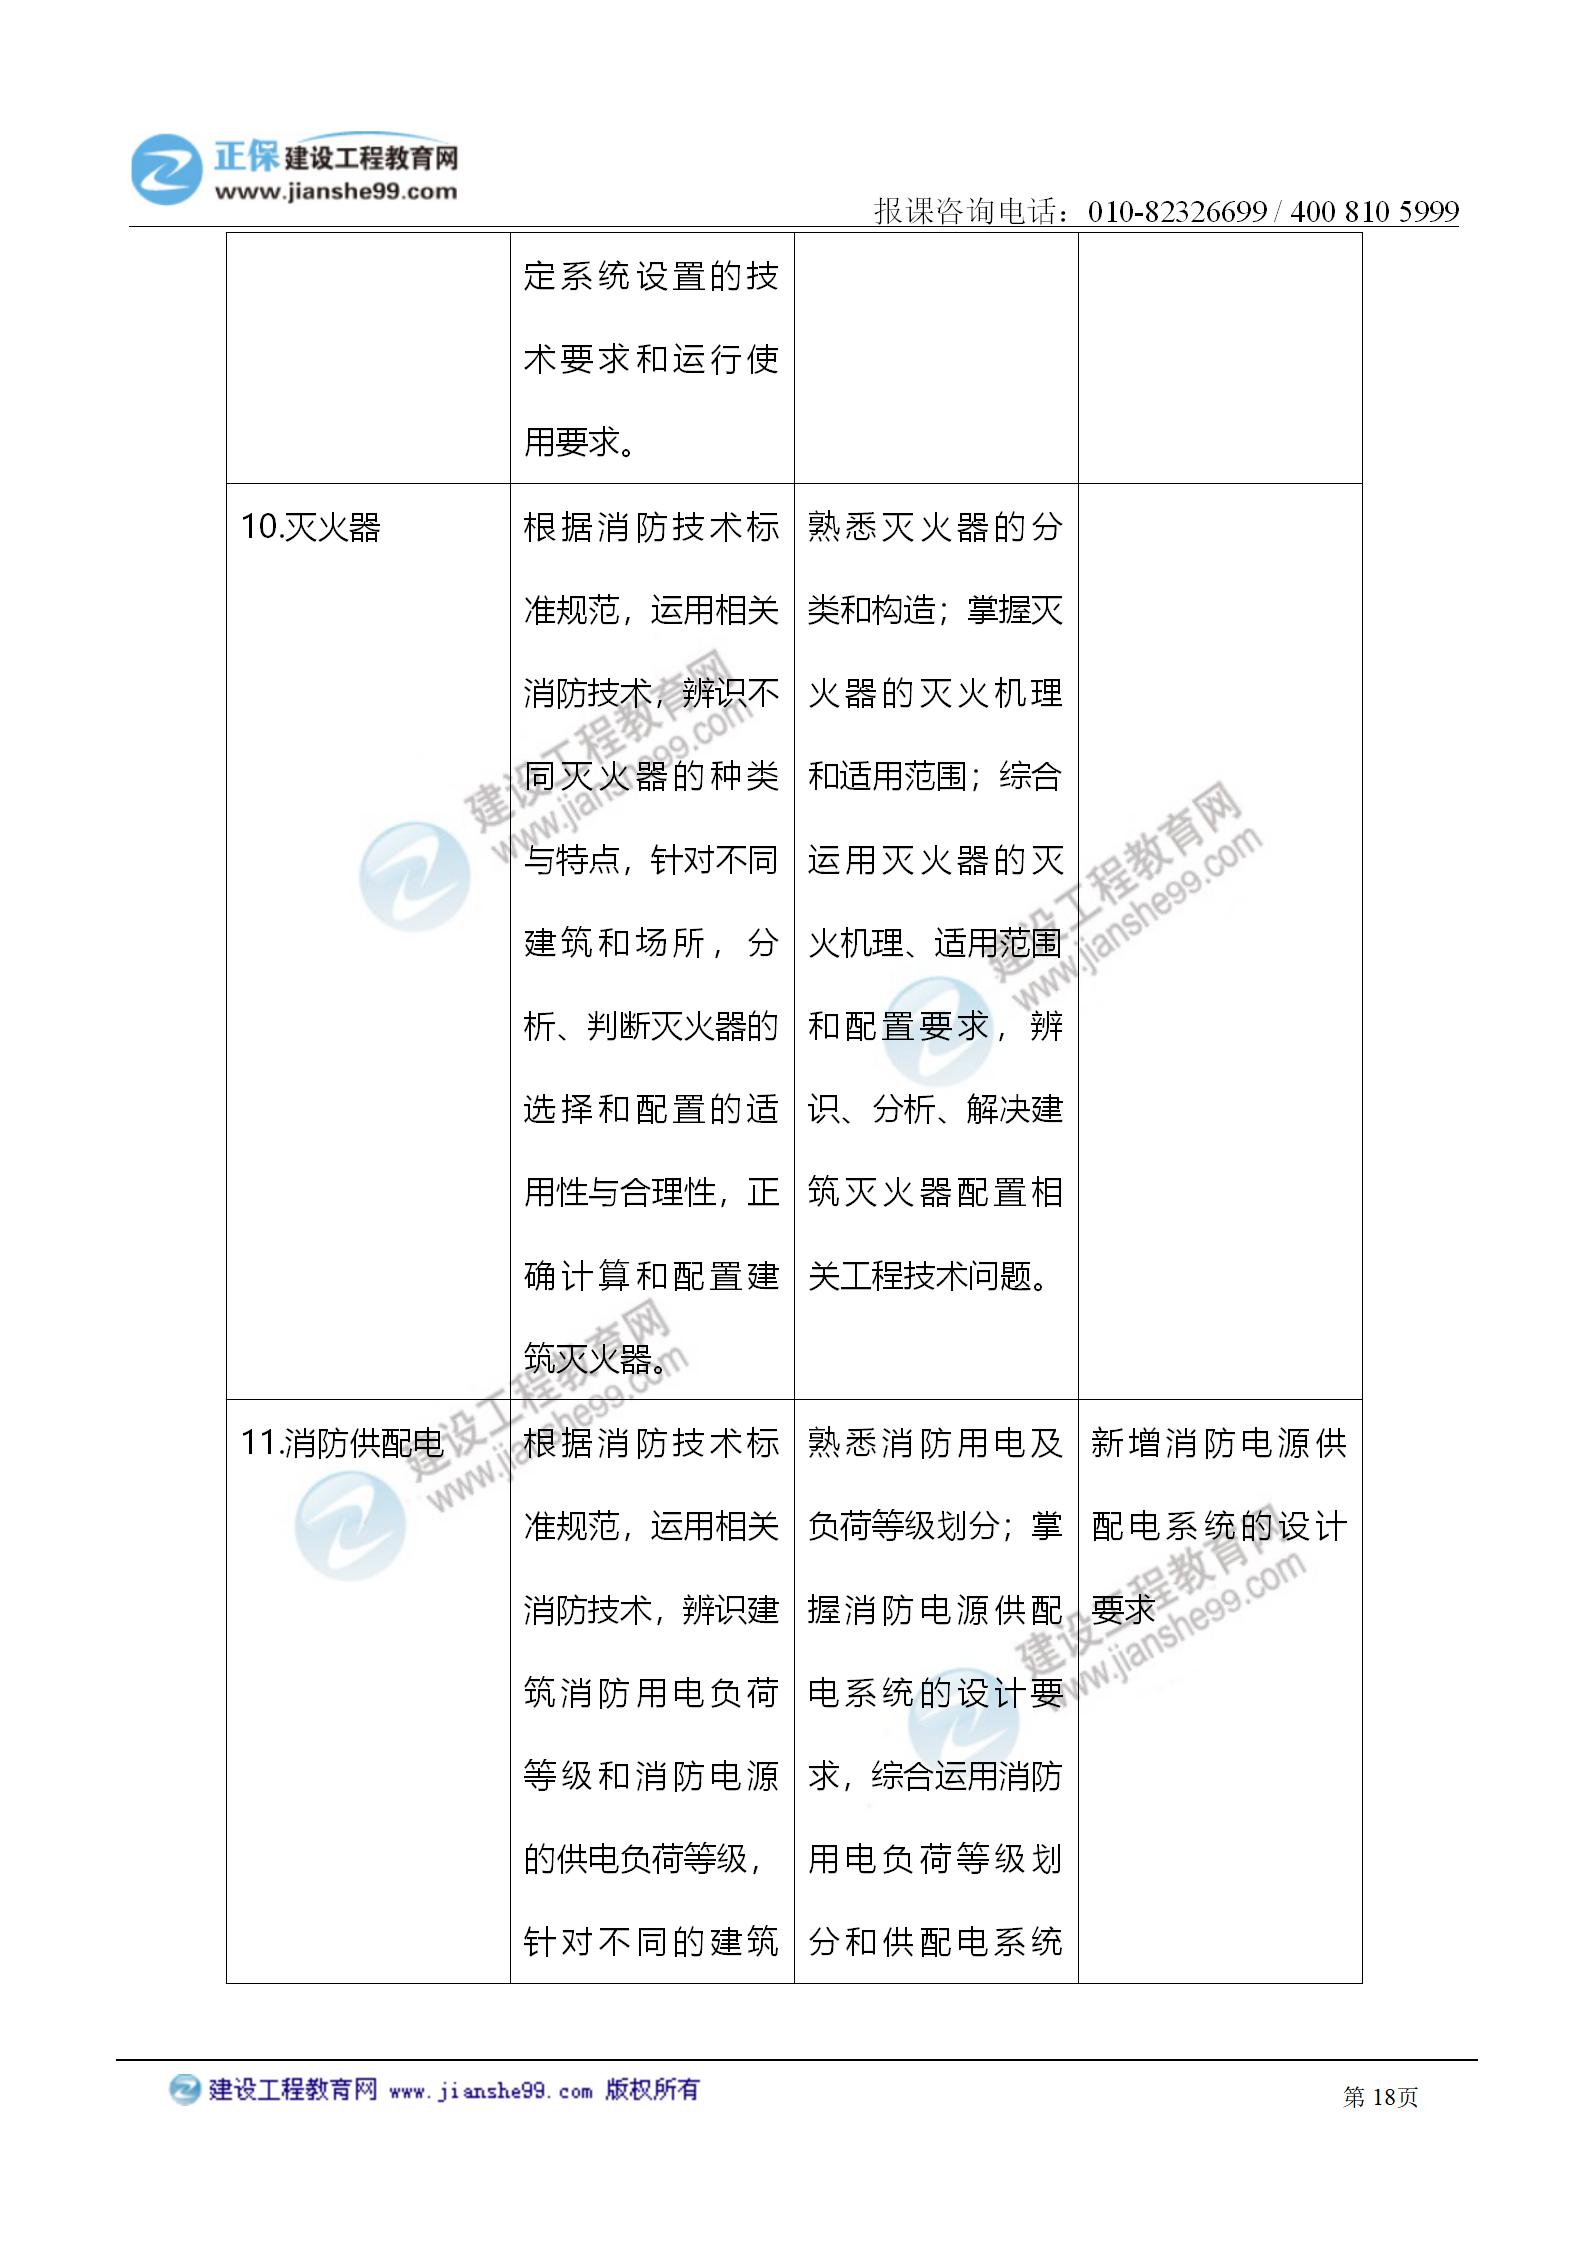 2021注册消防工程师《技术实务》考试大纲变化情况_18